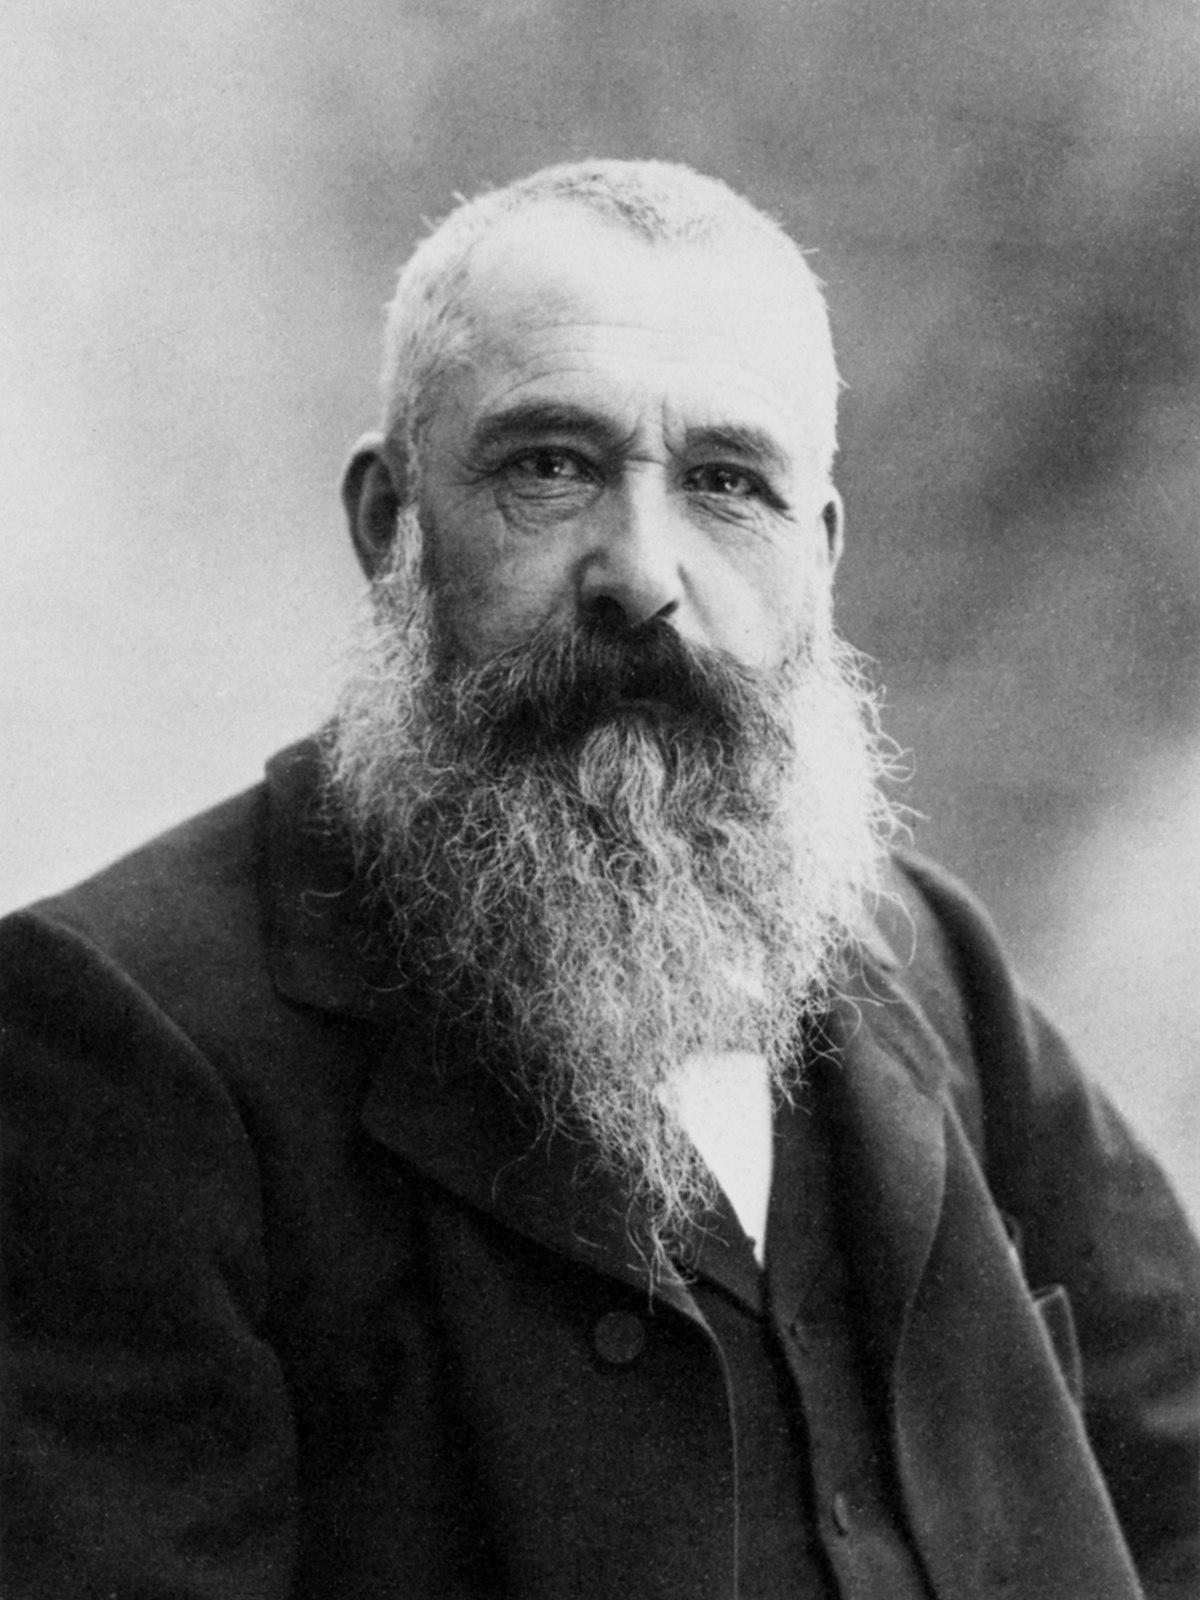 Imagini pentru Oscar-Claude Monet